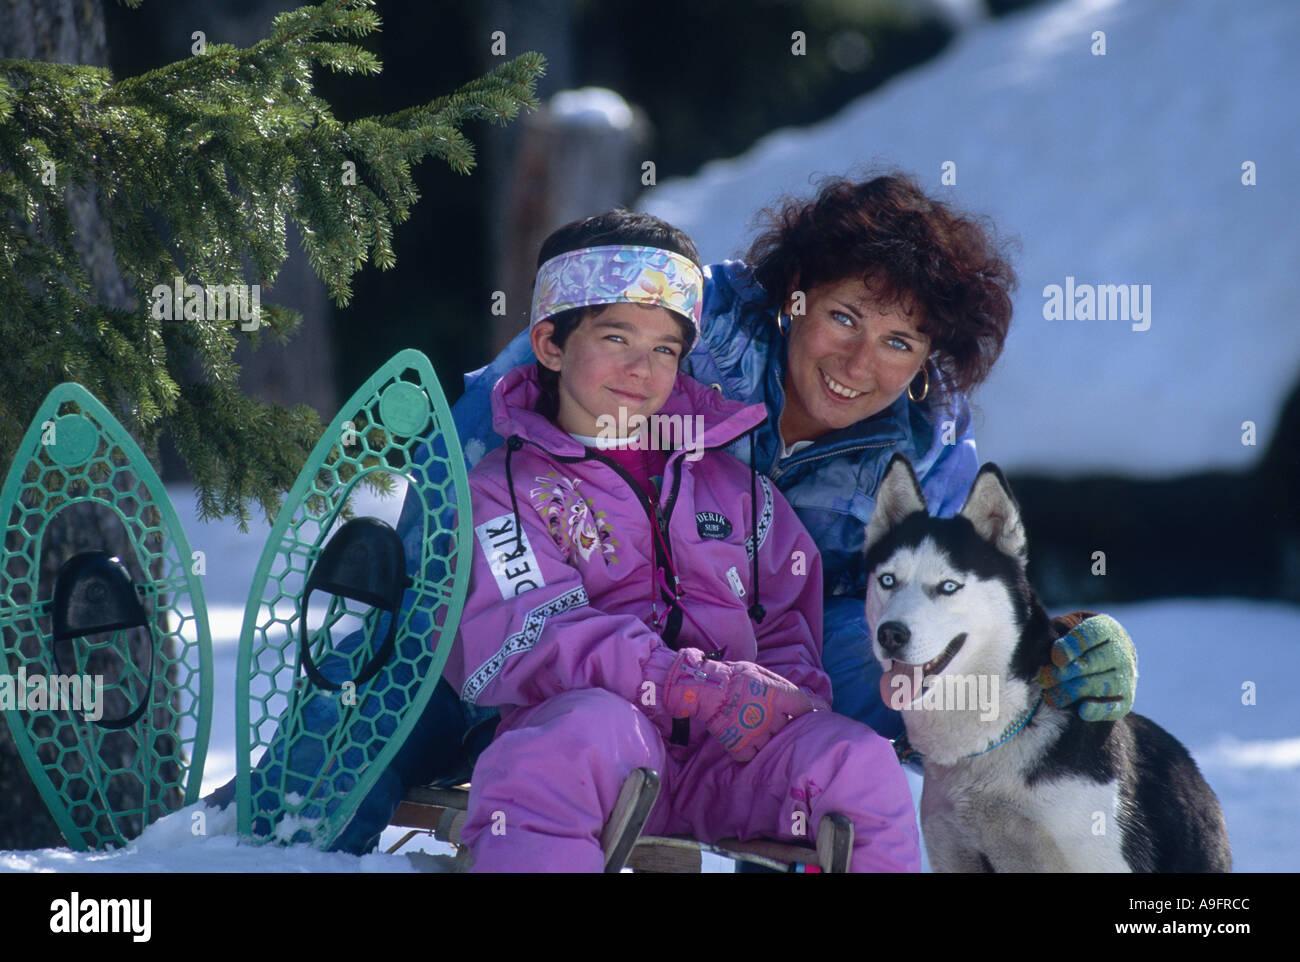 woman, siberian husky and girl on sled. Stock Photo